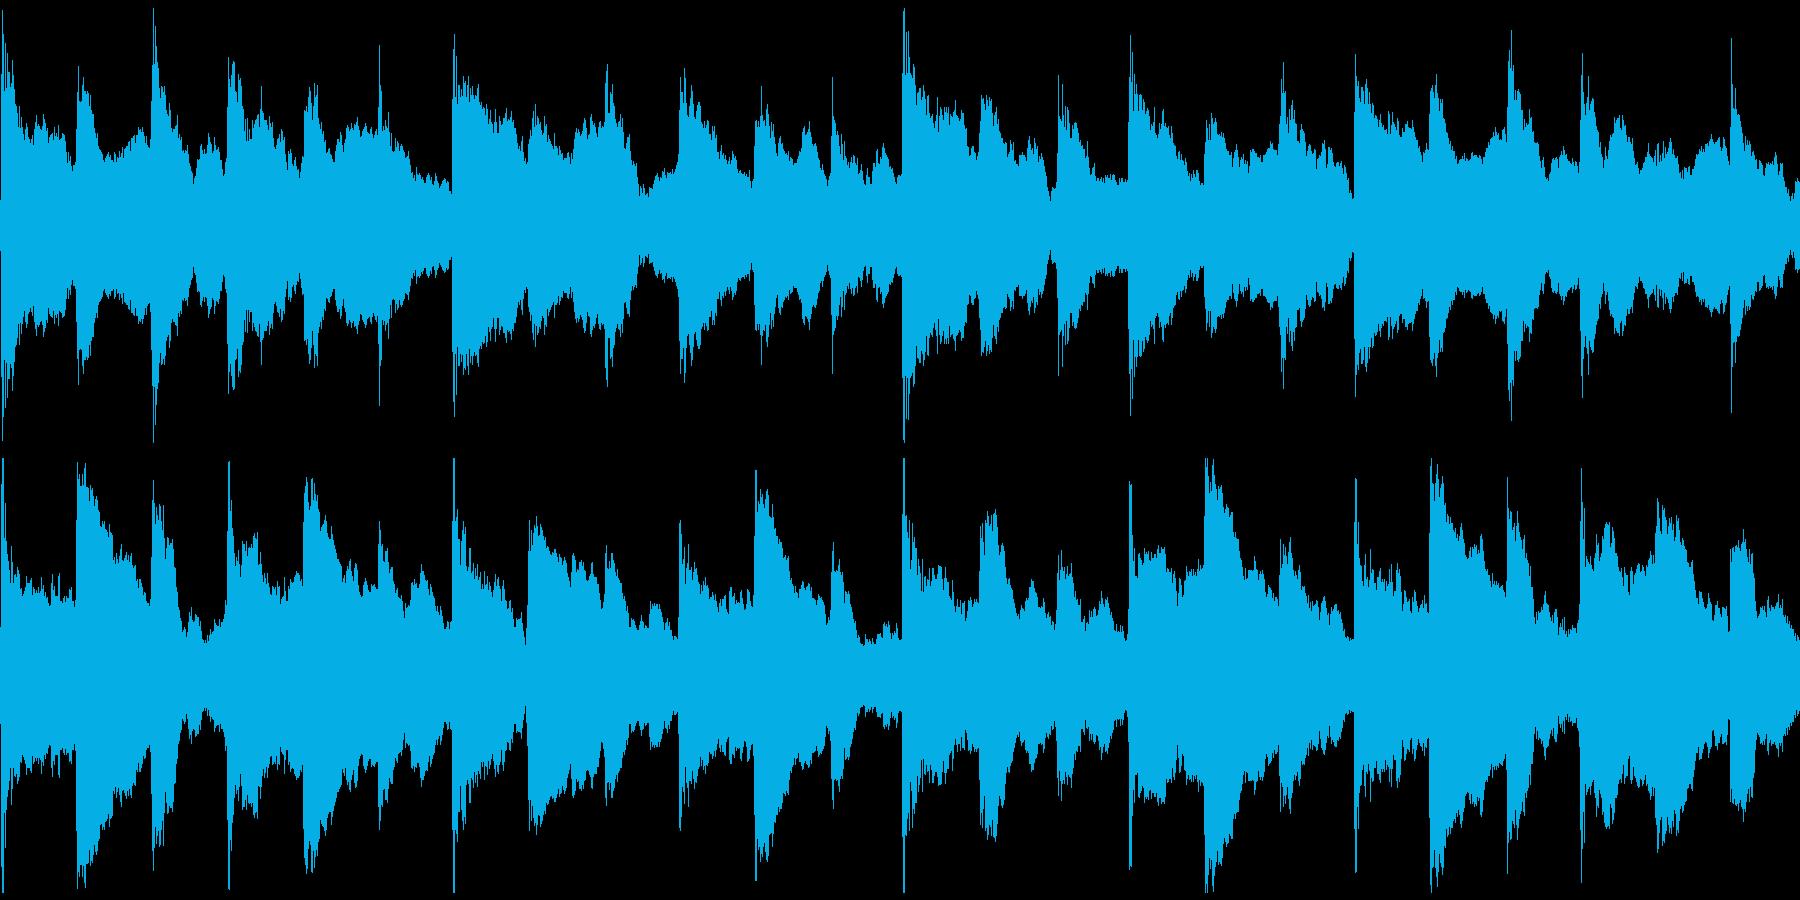 感動表現、CM,ブライダル、ループ5の再生済みの波形